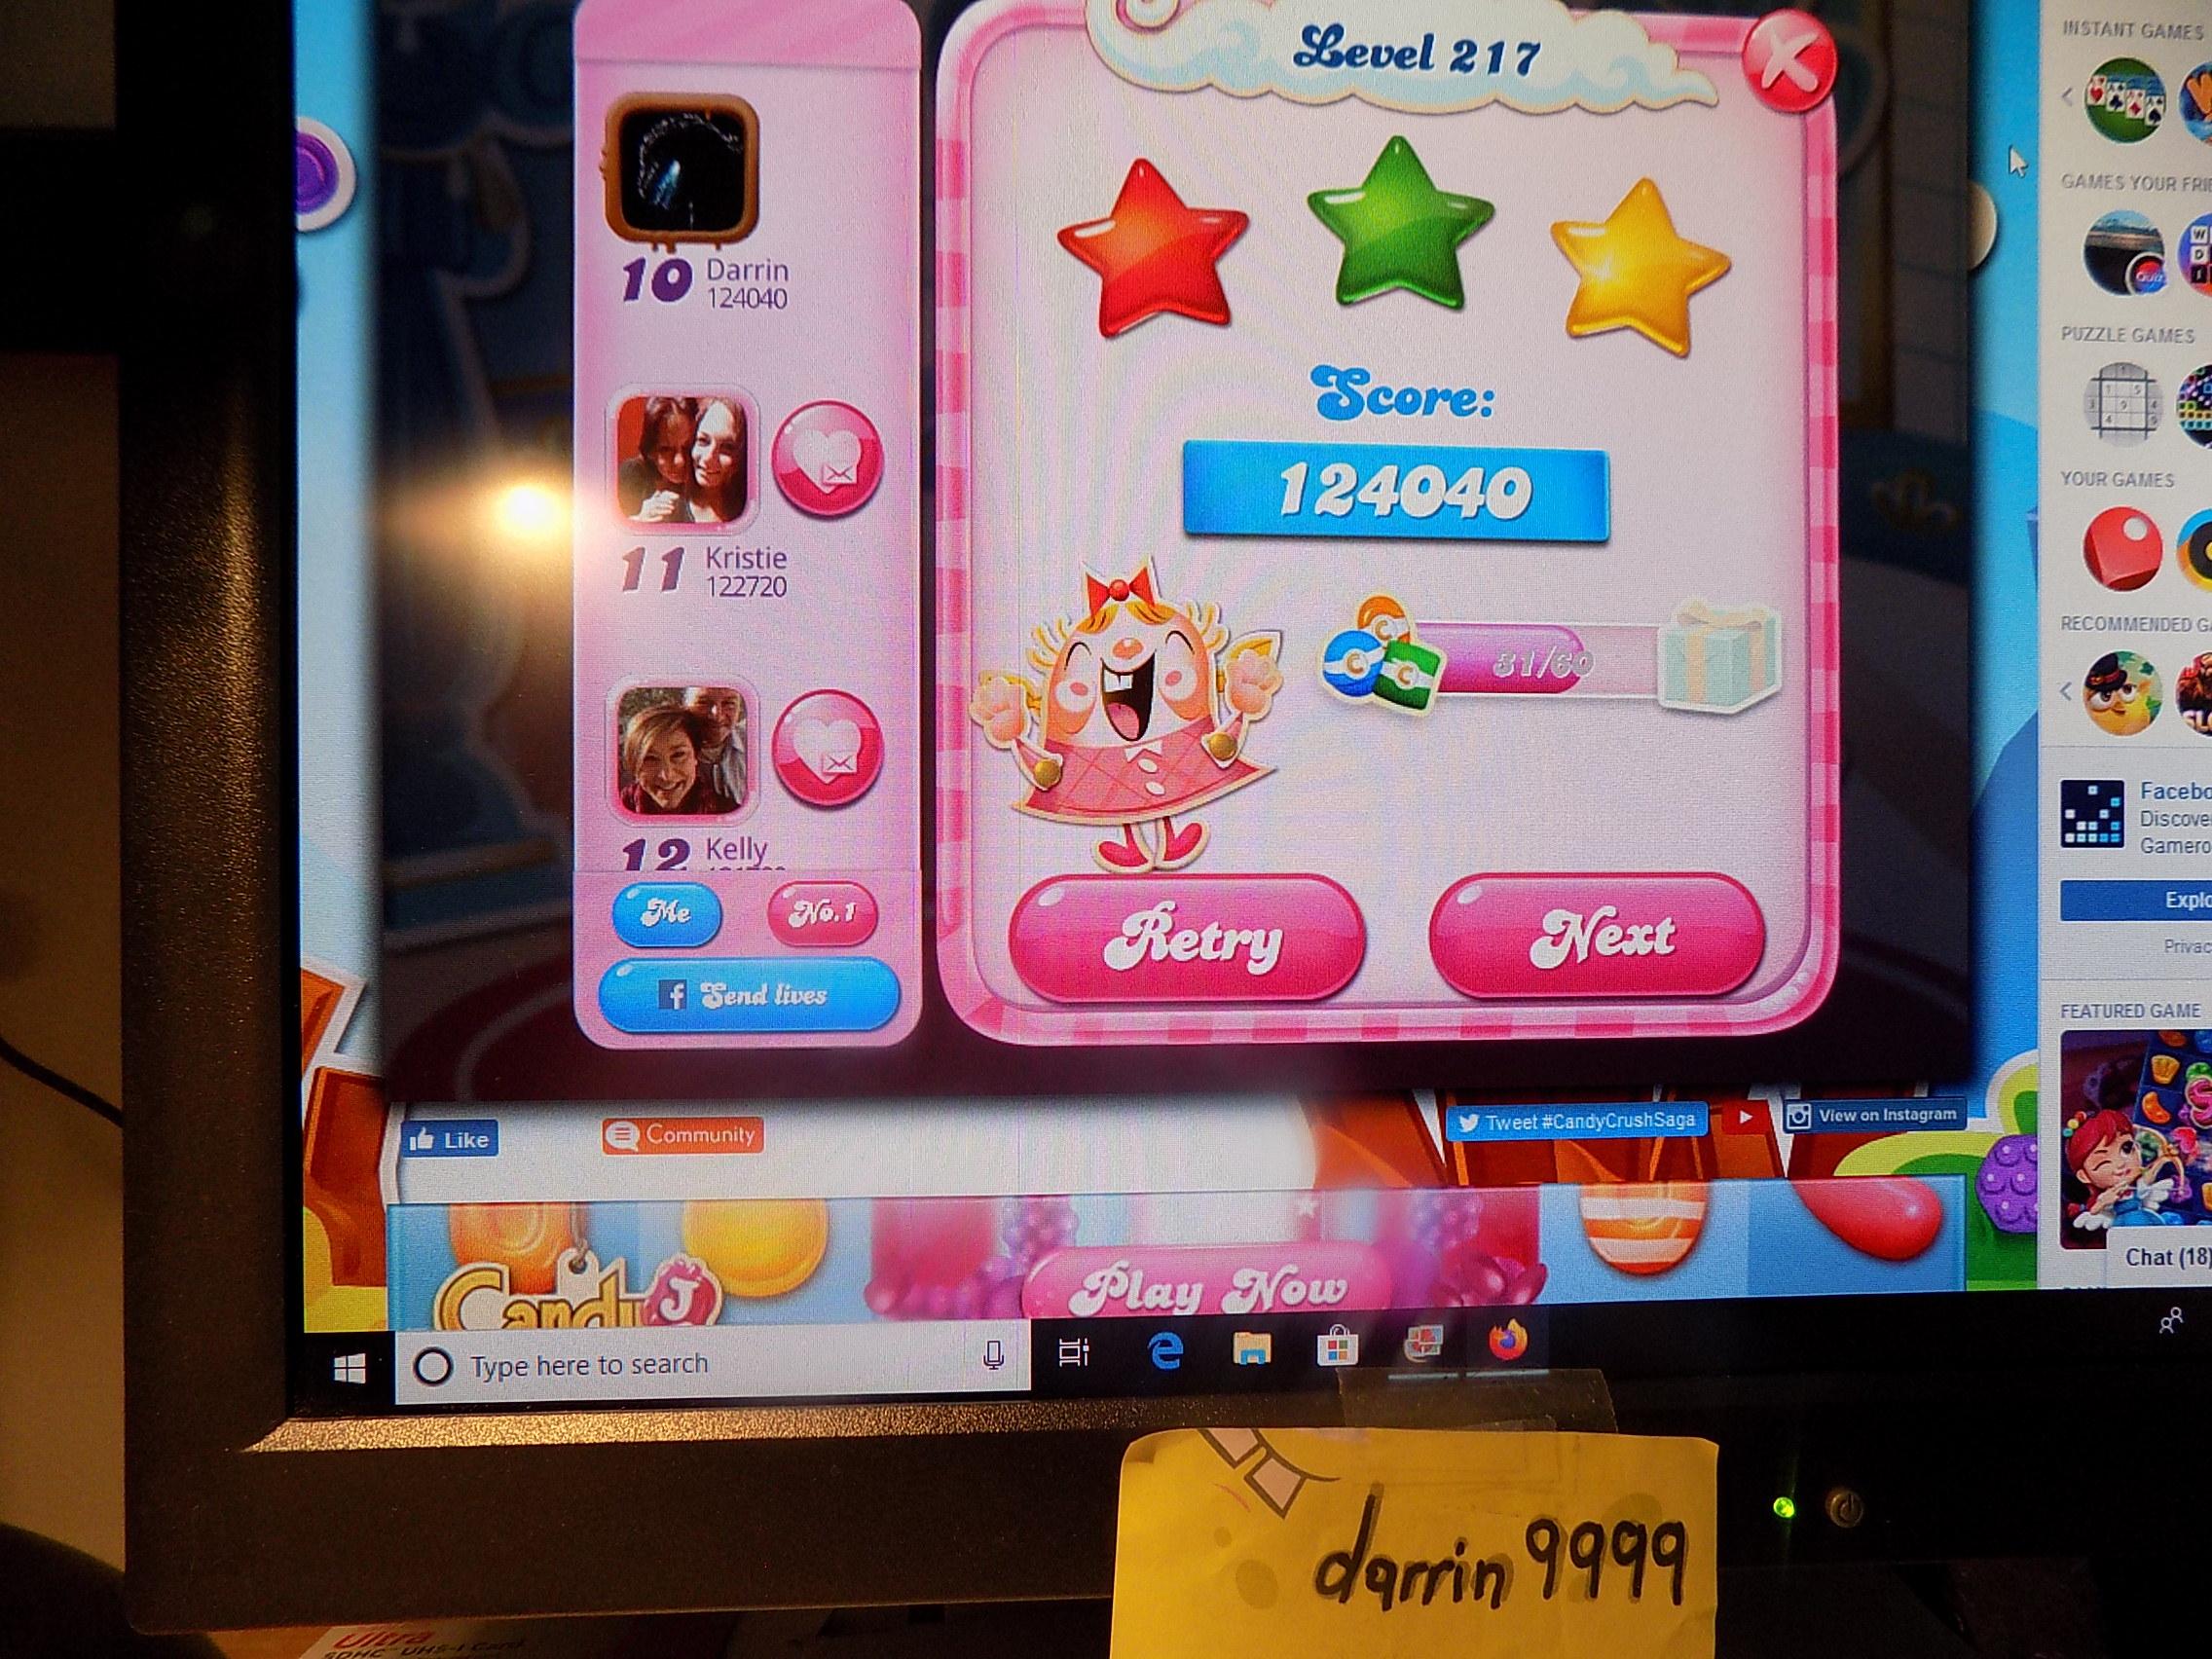 darrin9999: Candy Crush Saga: Level 217 (Web) 124,040 points on 2019-11-18 06:46:33